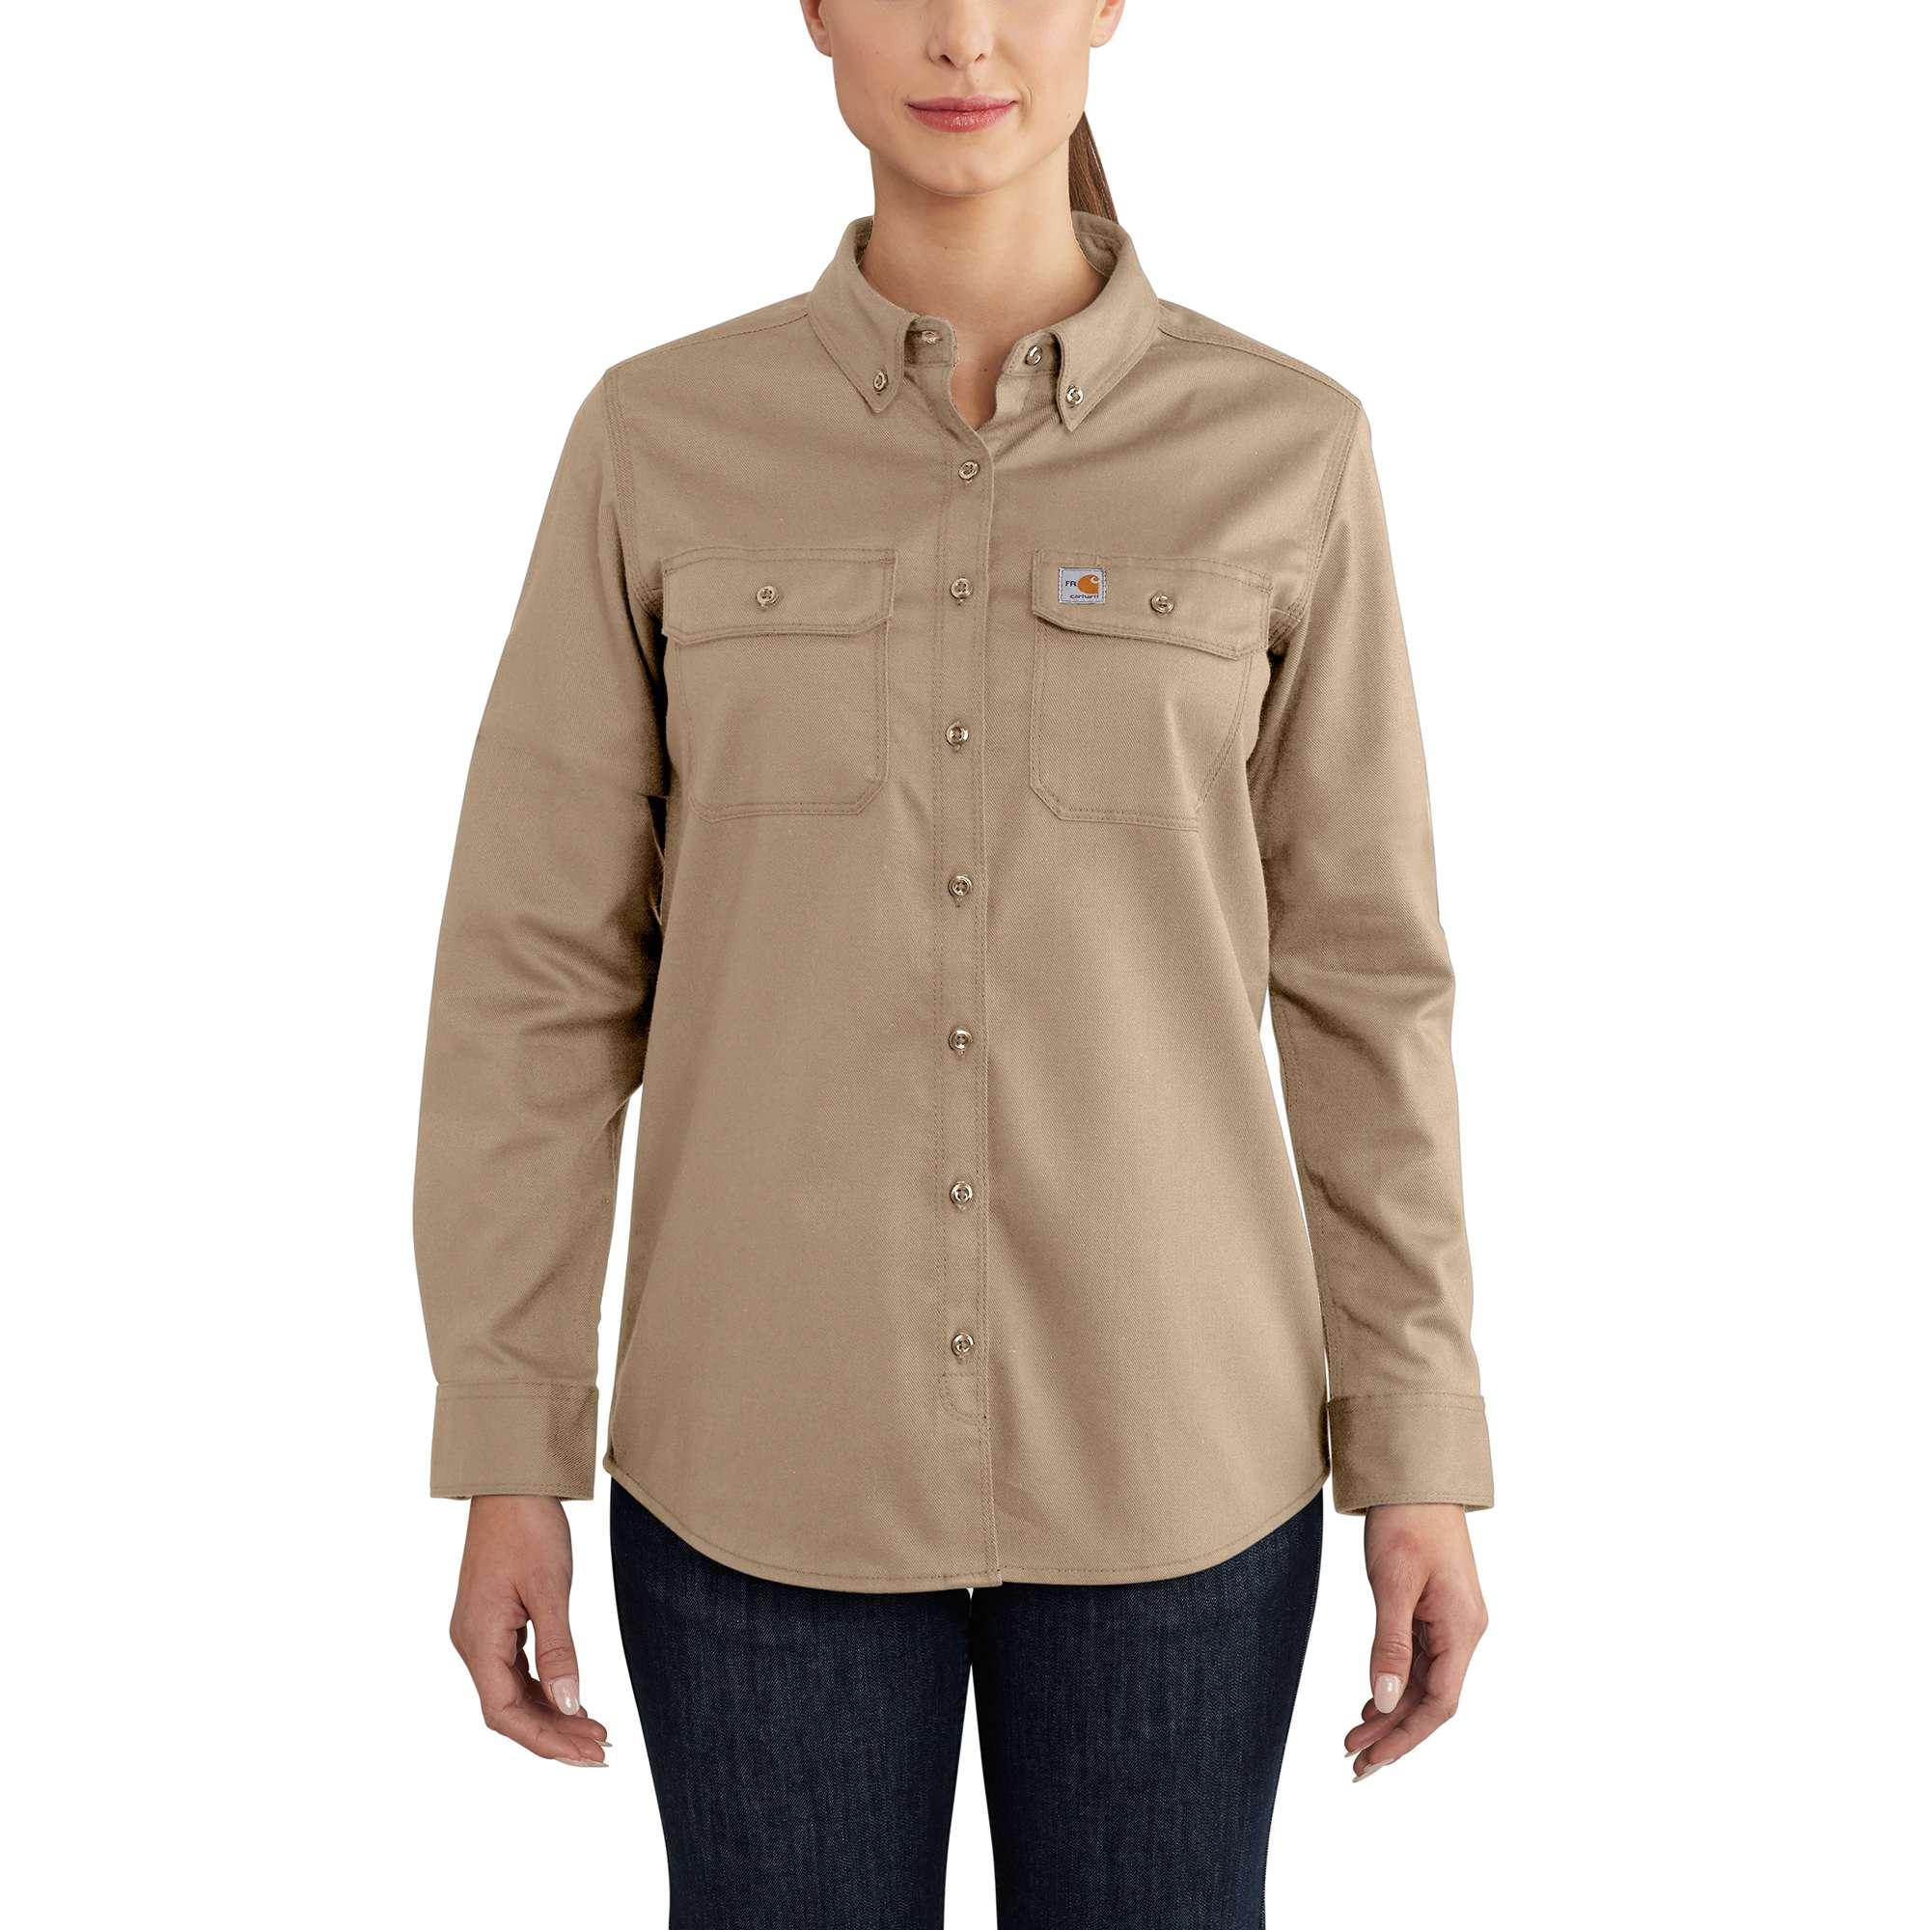 Carhartt Women's FR Rugged Flex Twill Shirt